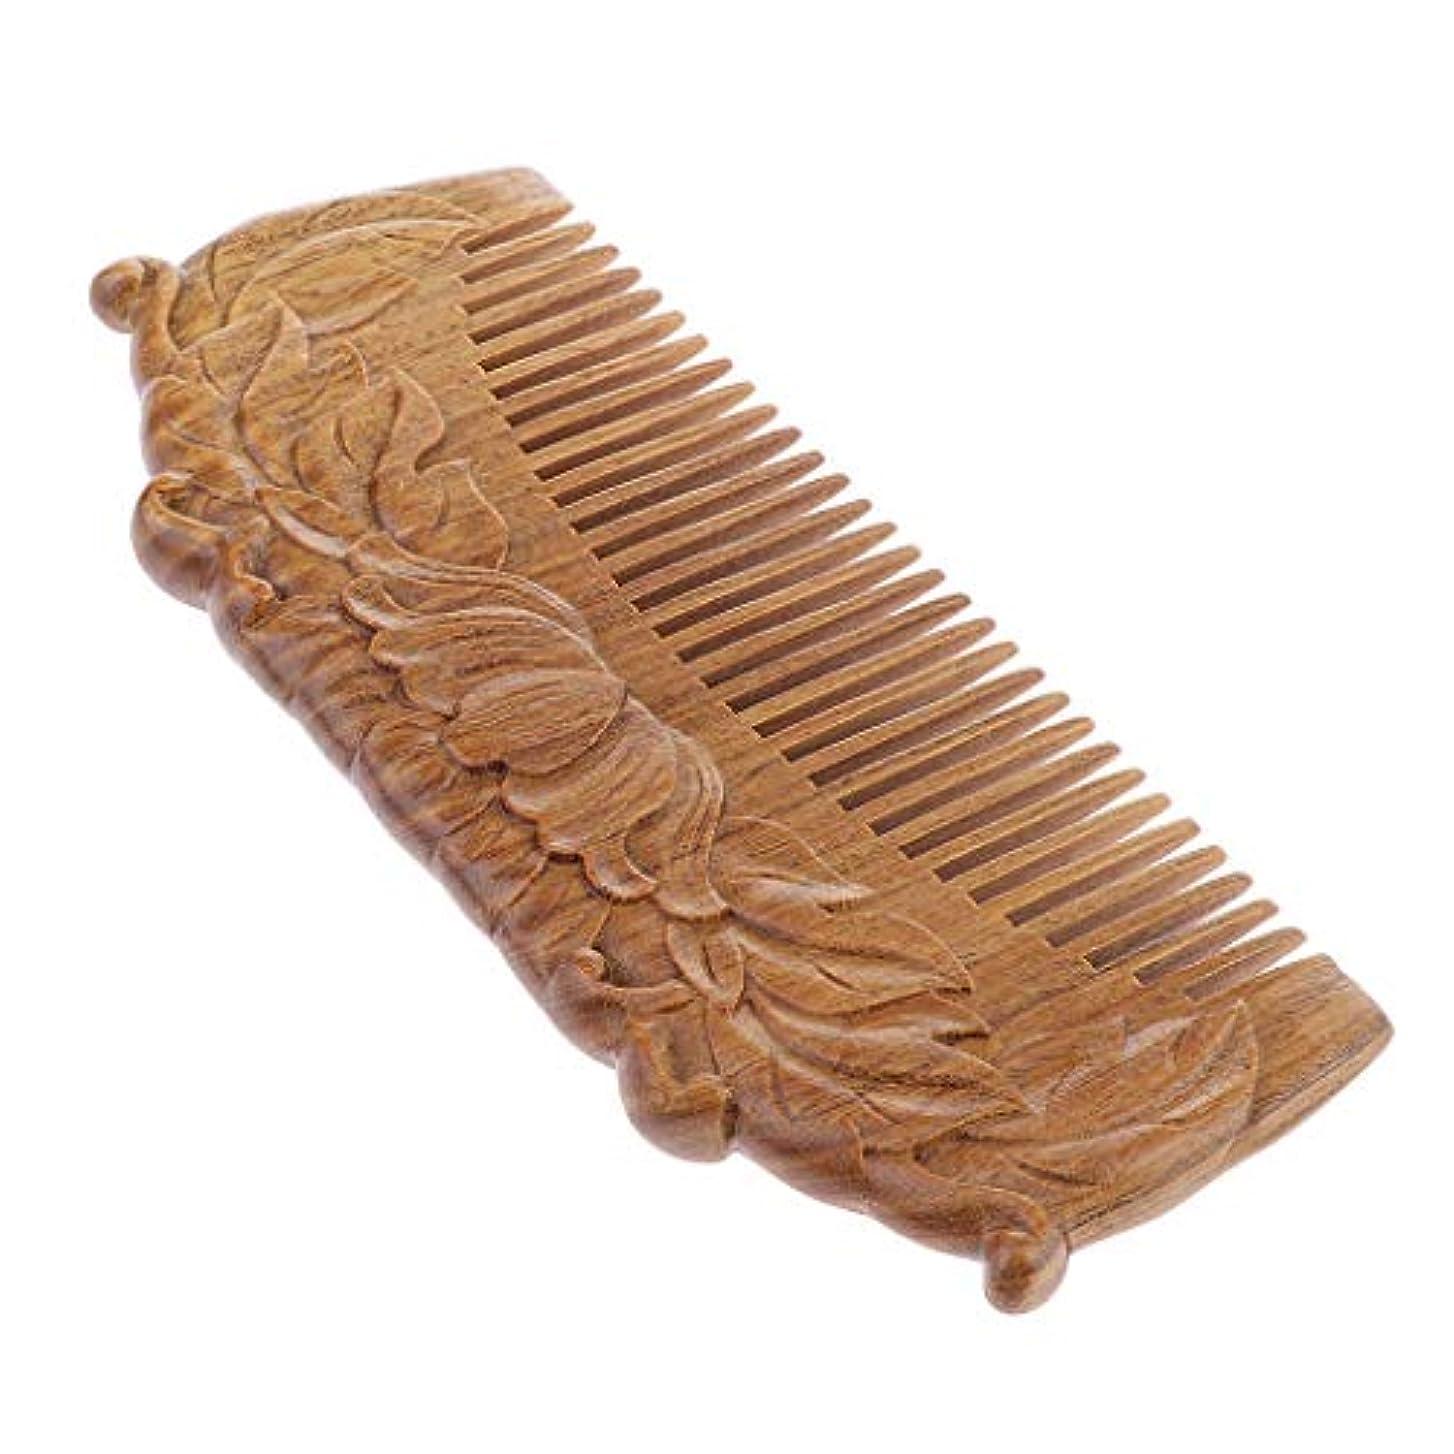 ノベルティ装置模倣ウッドコーム 木製櫛 高品質 手作り 天然木 帯電防止櫛 頭皮マッサージ ヘアブラシ